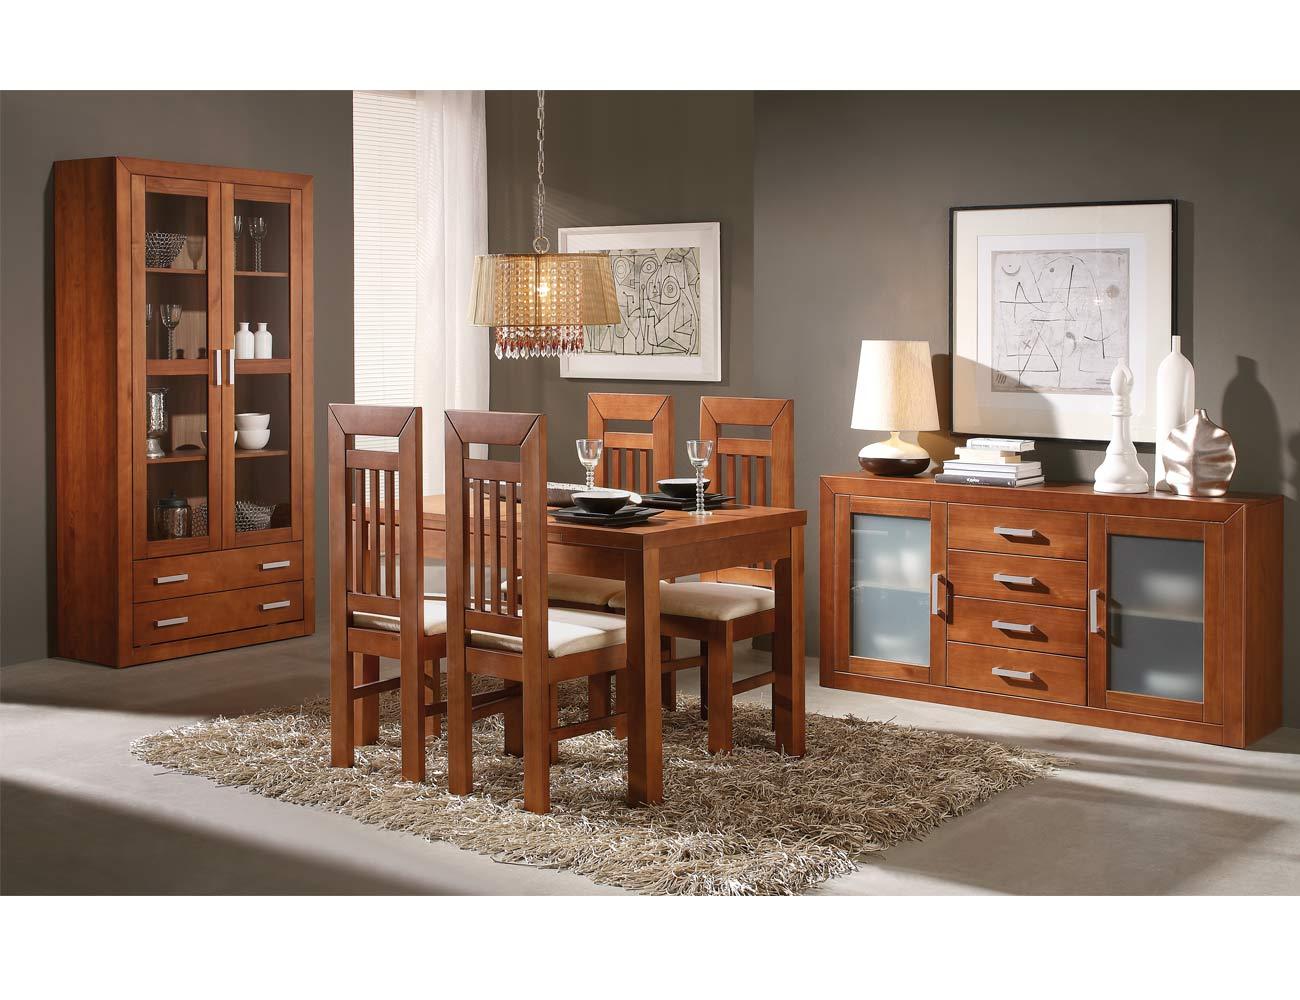 Muebles de sal n comedor estilo colonial en madera for Estilos de muebles de madera